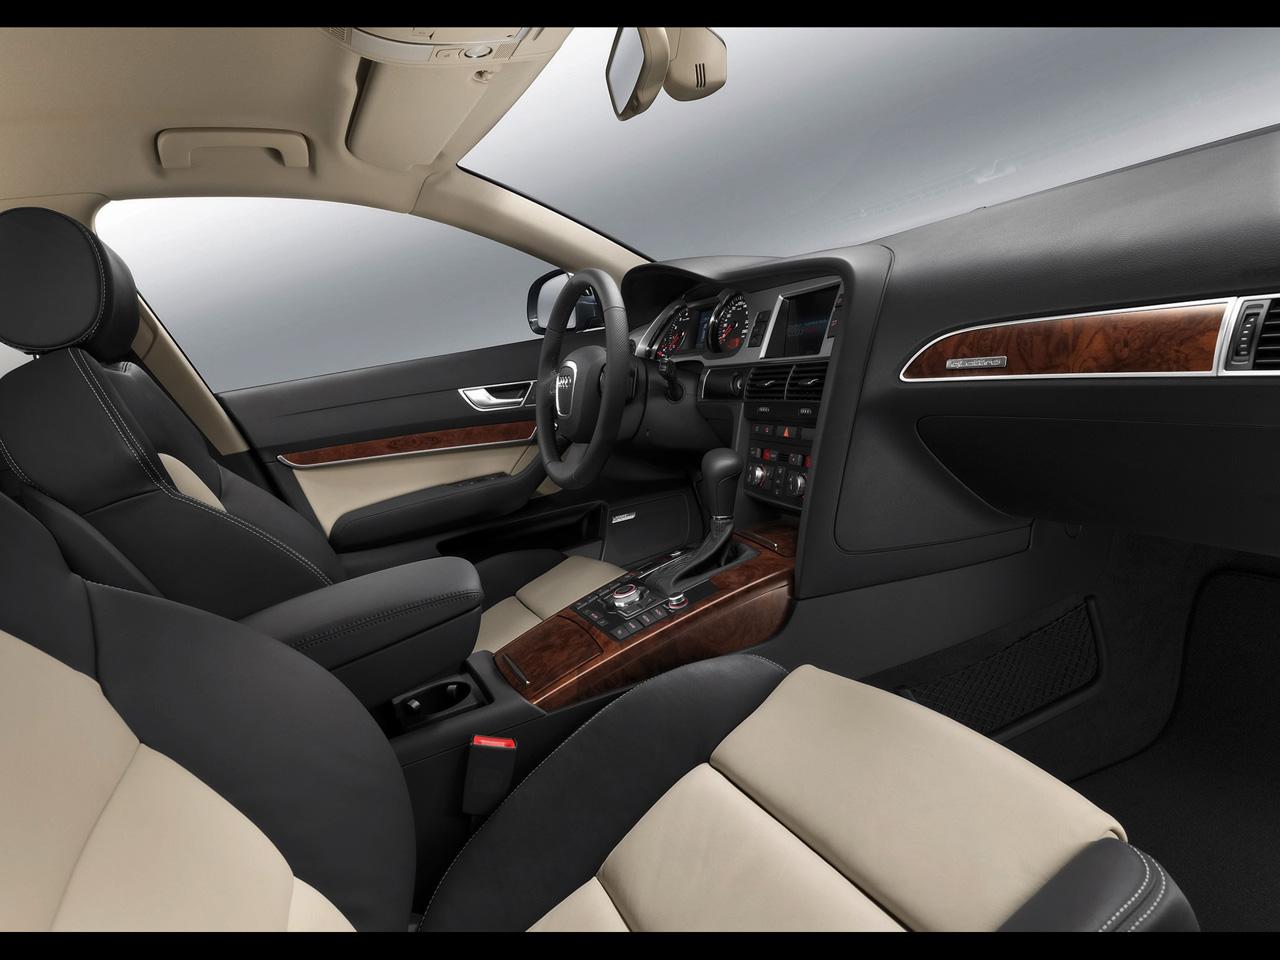 http://4.bp.blogspot.com/_sRGU_JXOz6E/TSisHpCPvmI/AAAAAAAABGE/E9KLJrc0WNk/s1600/2009-Audi-A6-Avant-Interior-1280x960.jpg